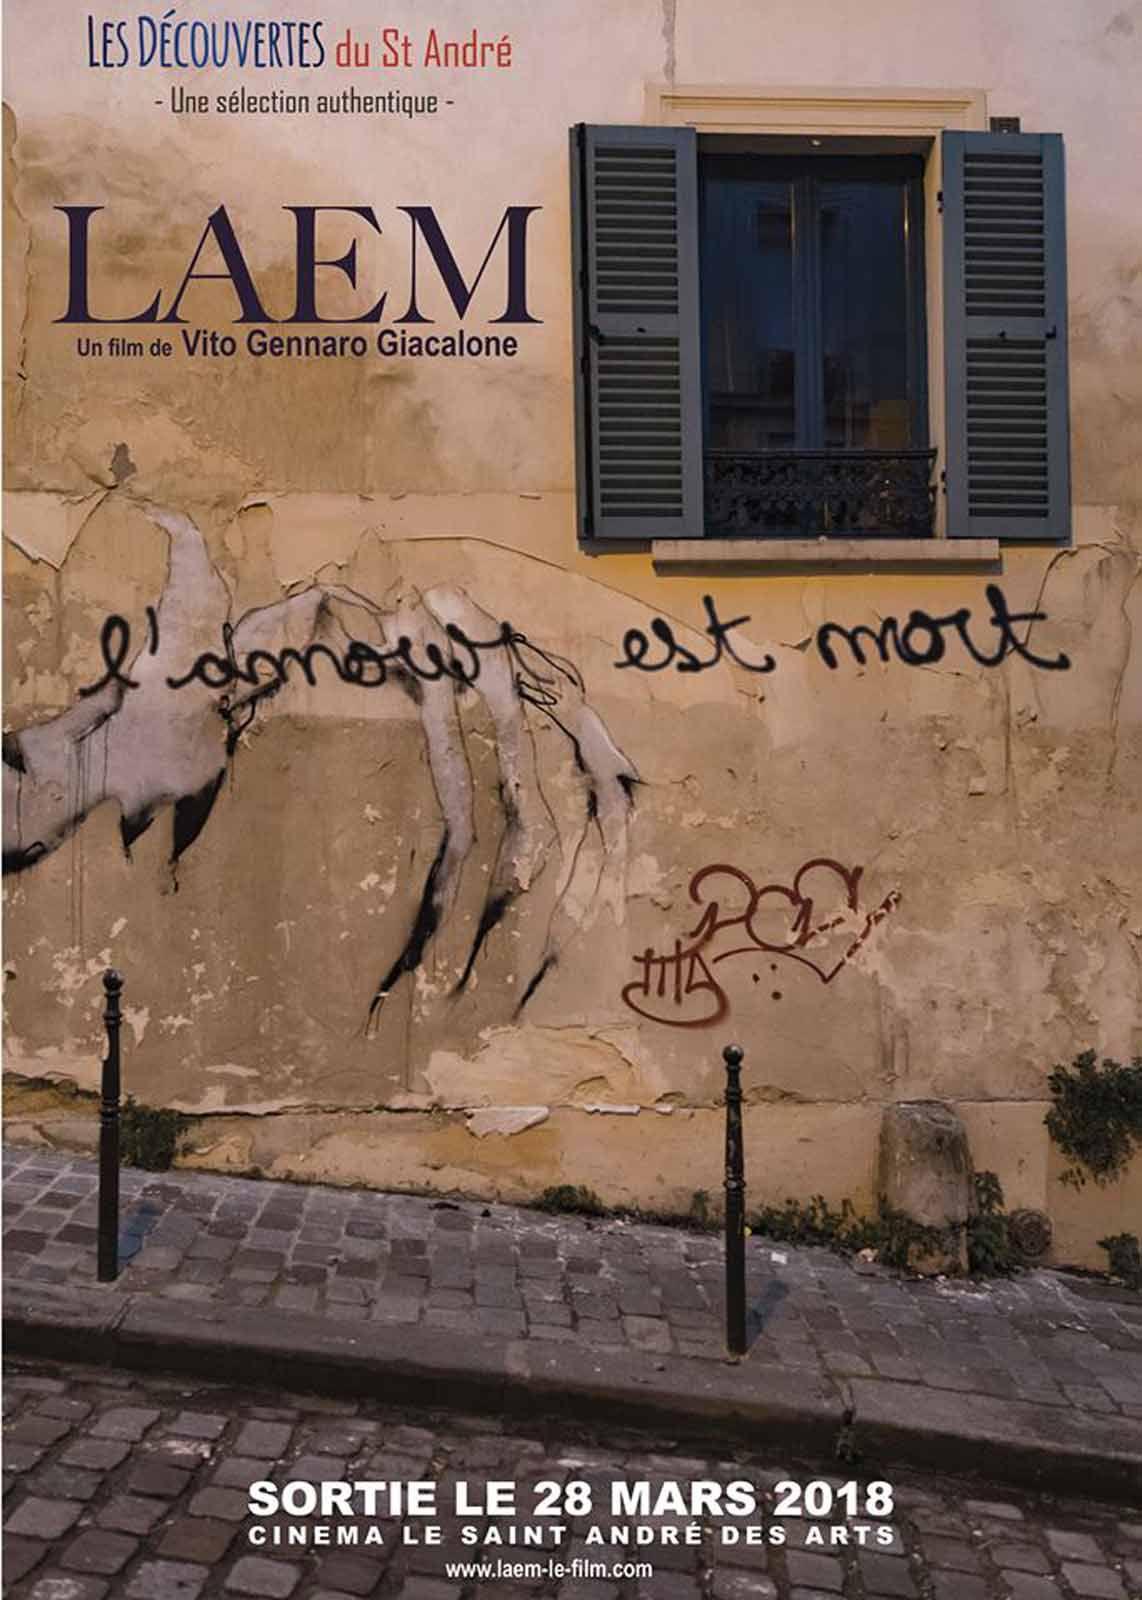 LAEM - Documentaire (2018)